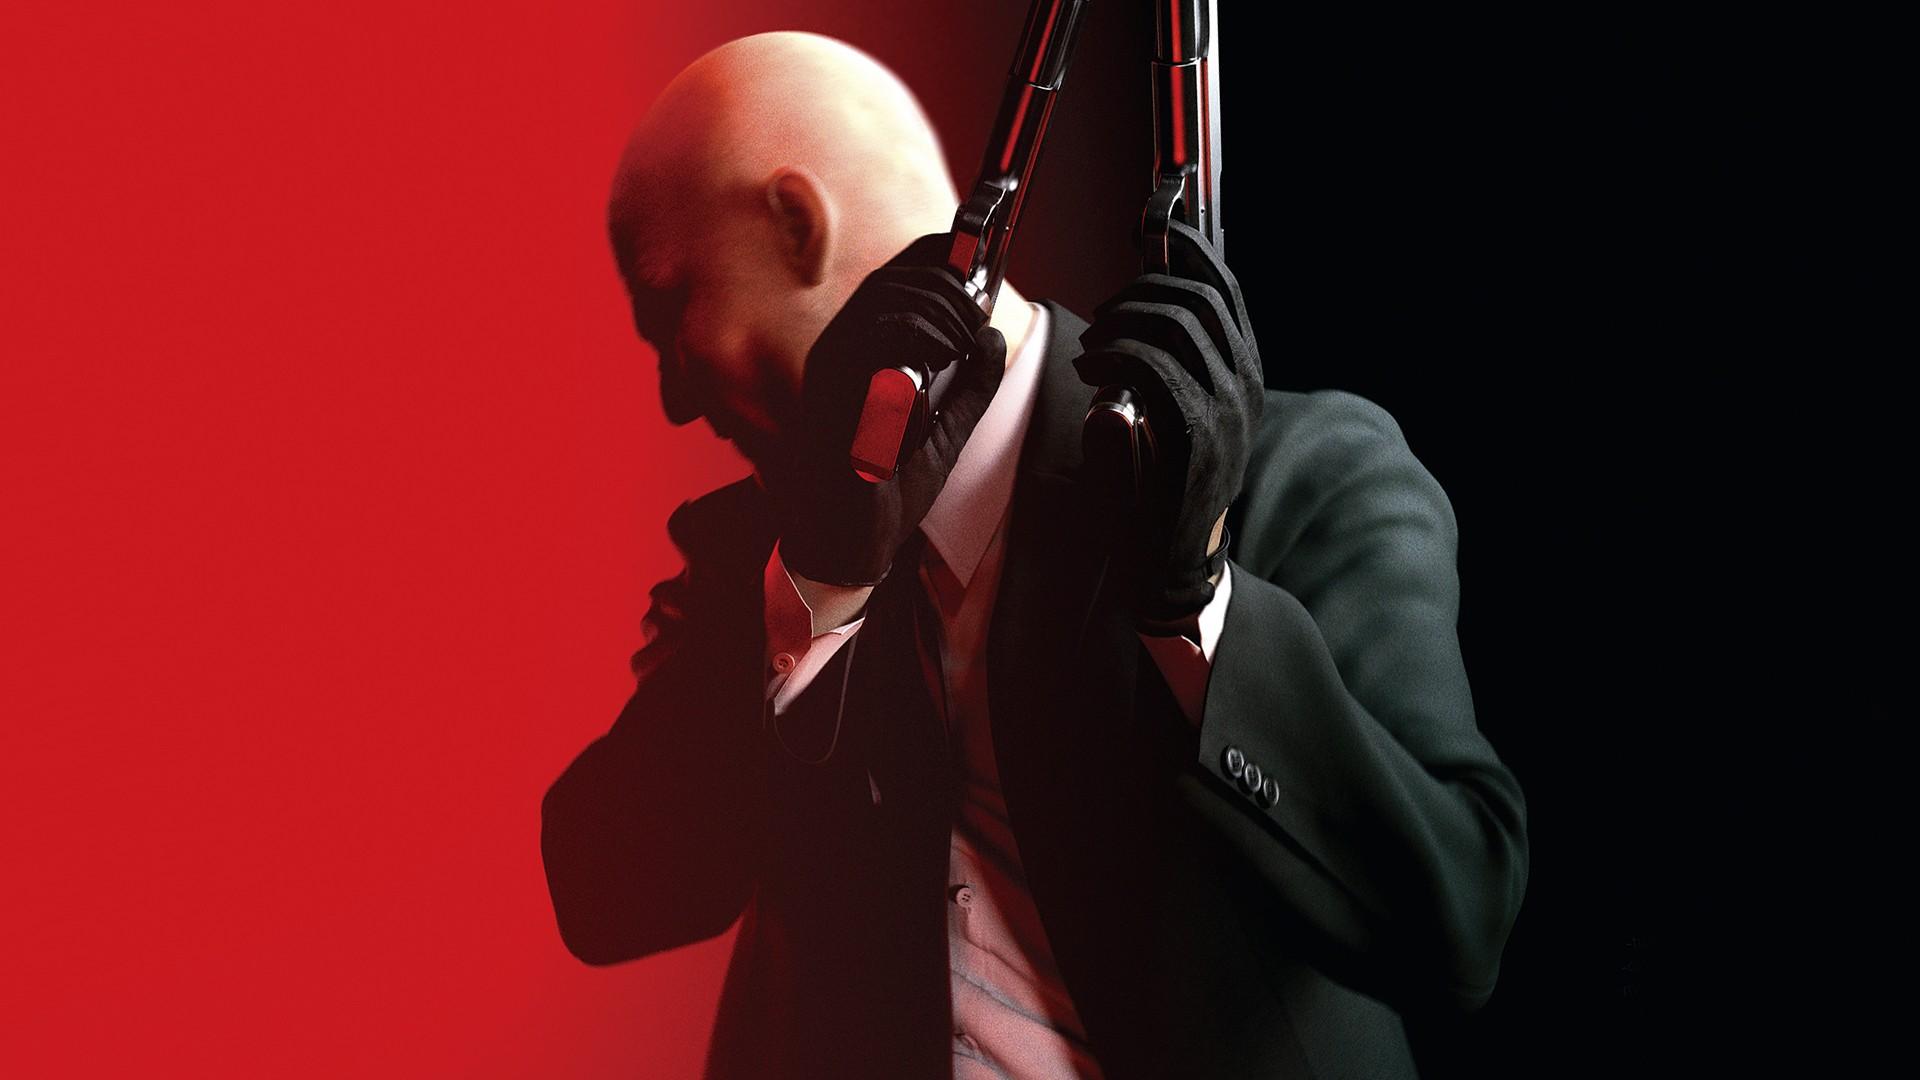 《杀手5赦免》官方新壁纸